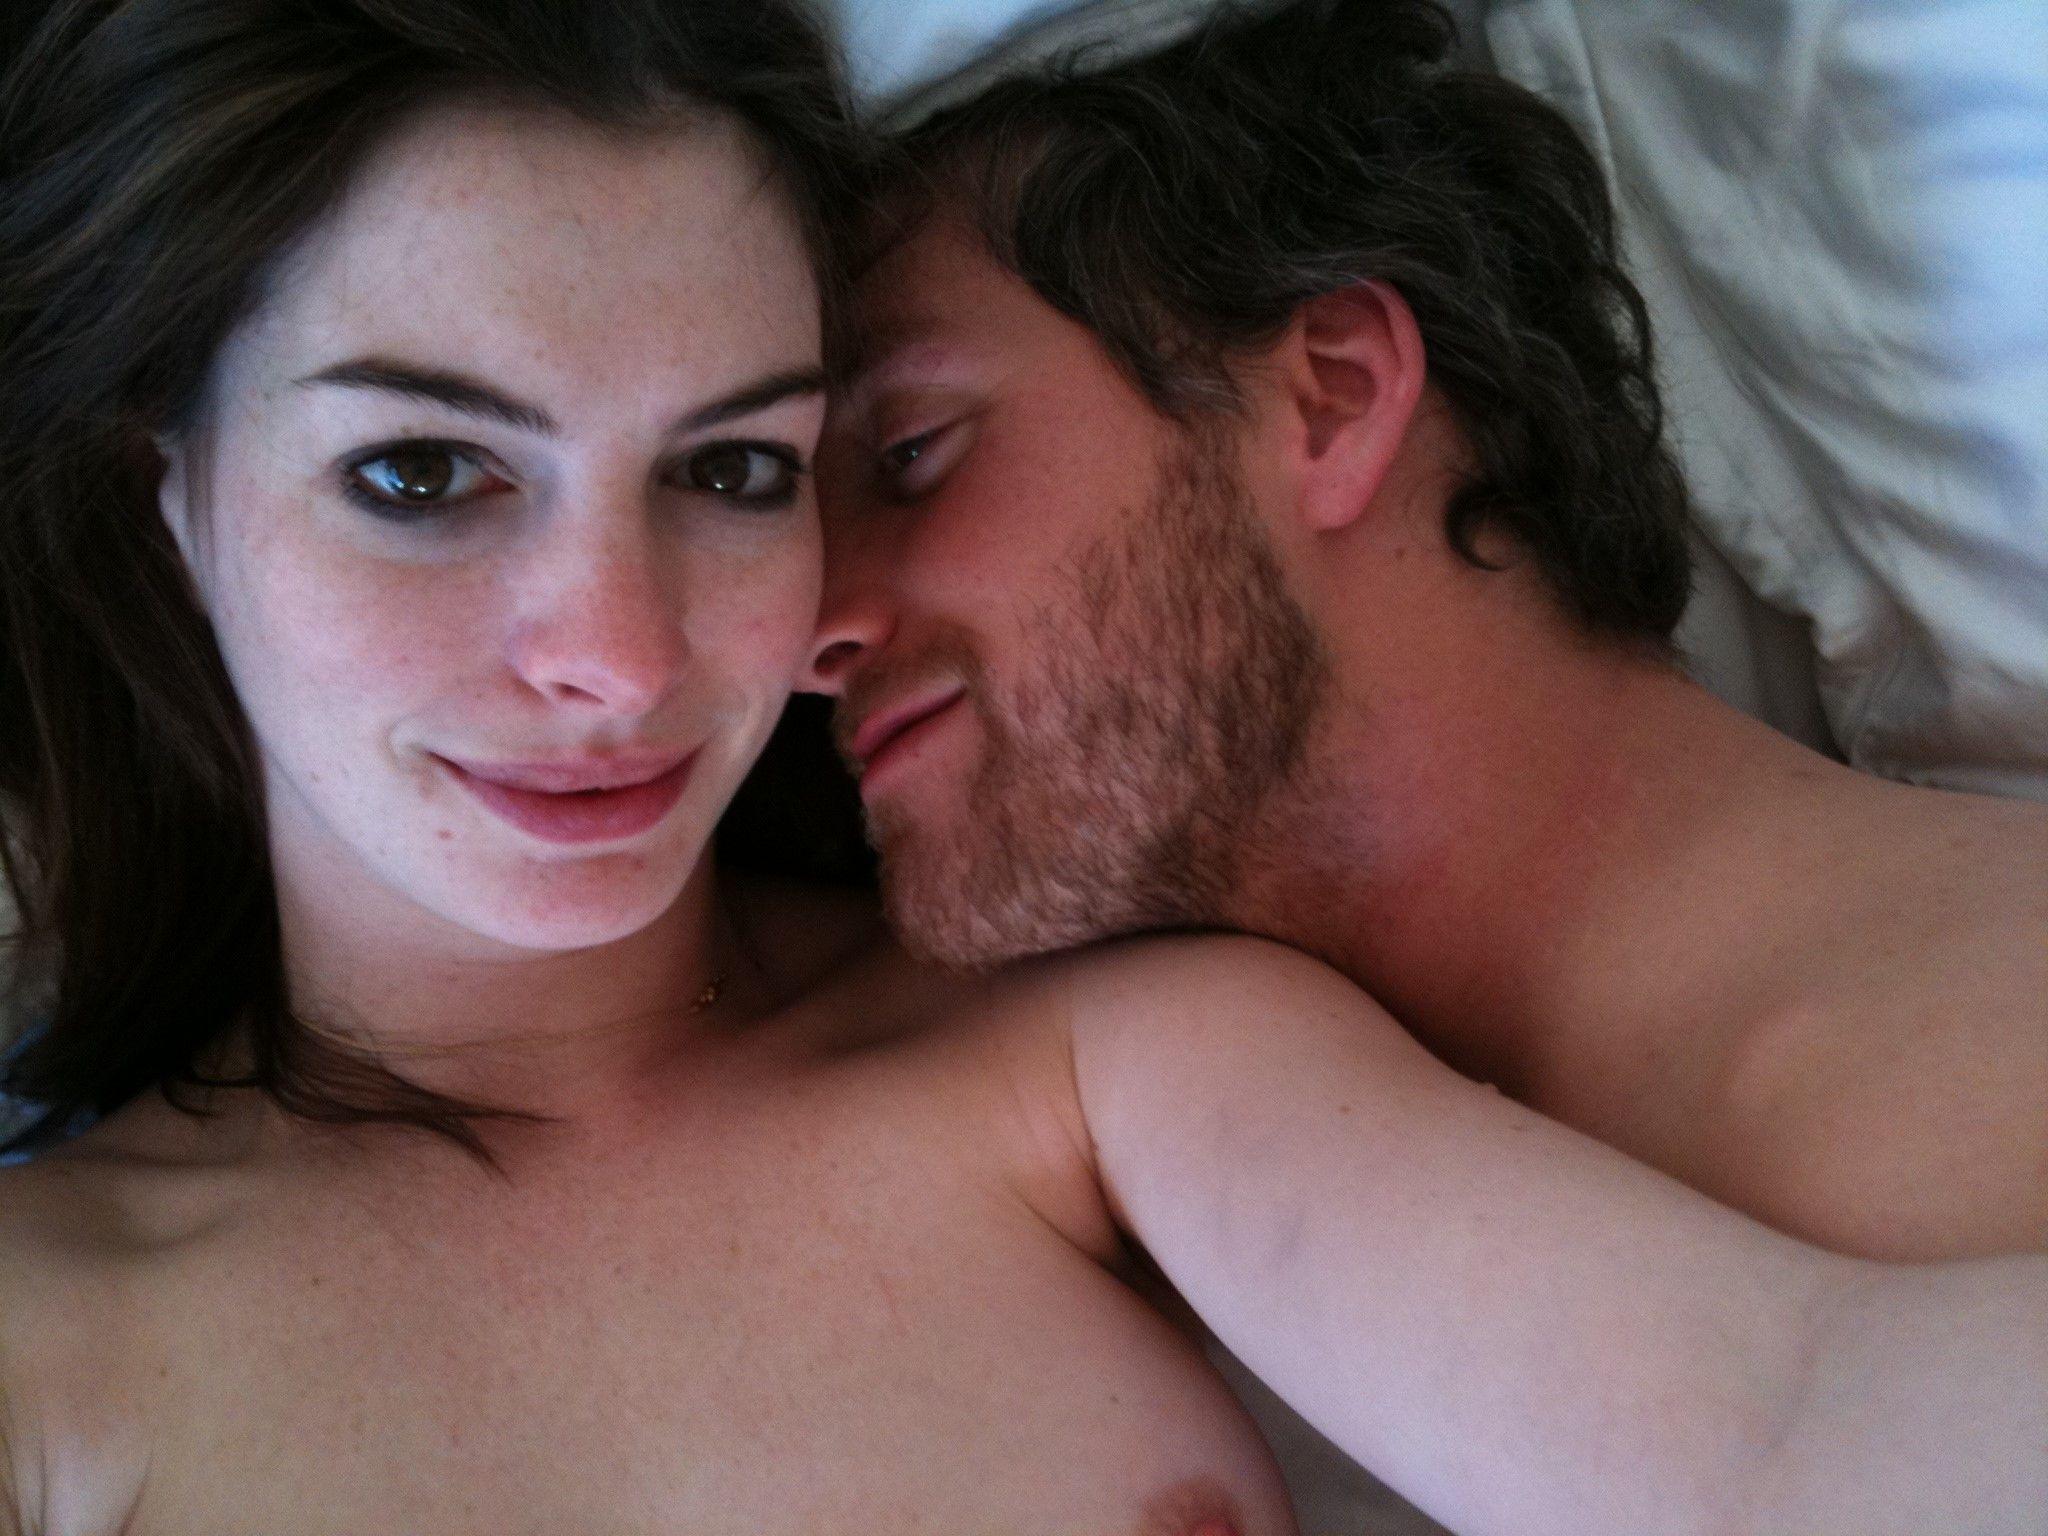 Fotos de Anne Hathaway desnuda sin censura, filtradas por hackers 9